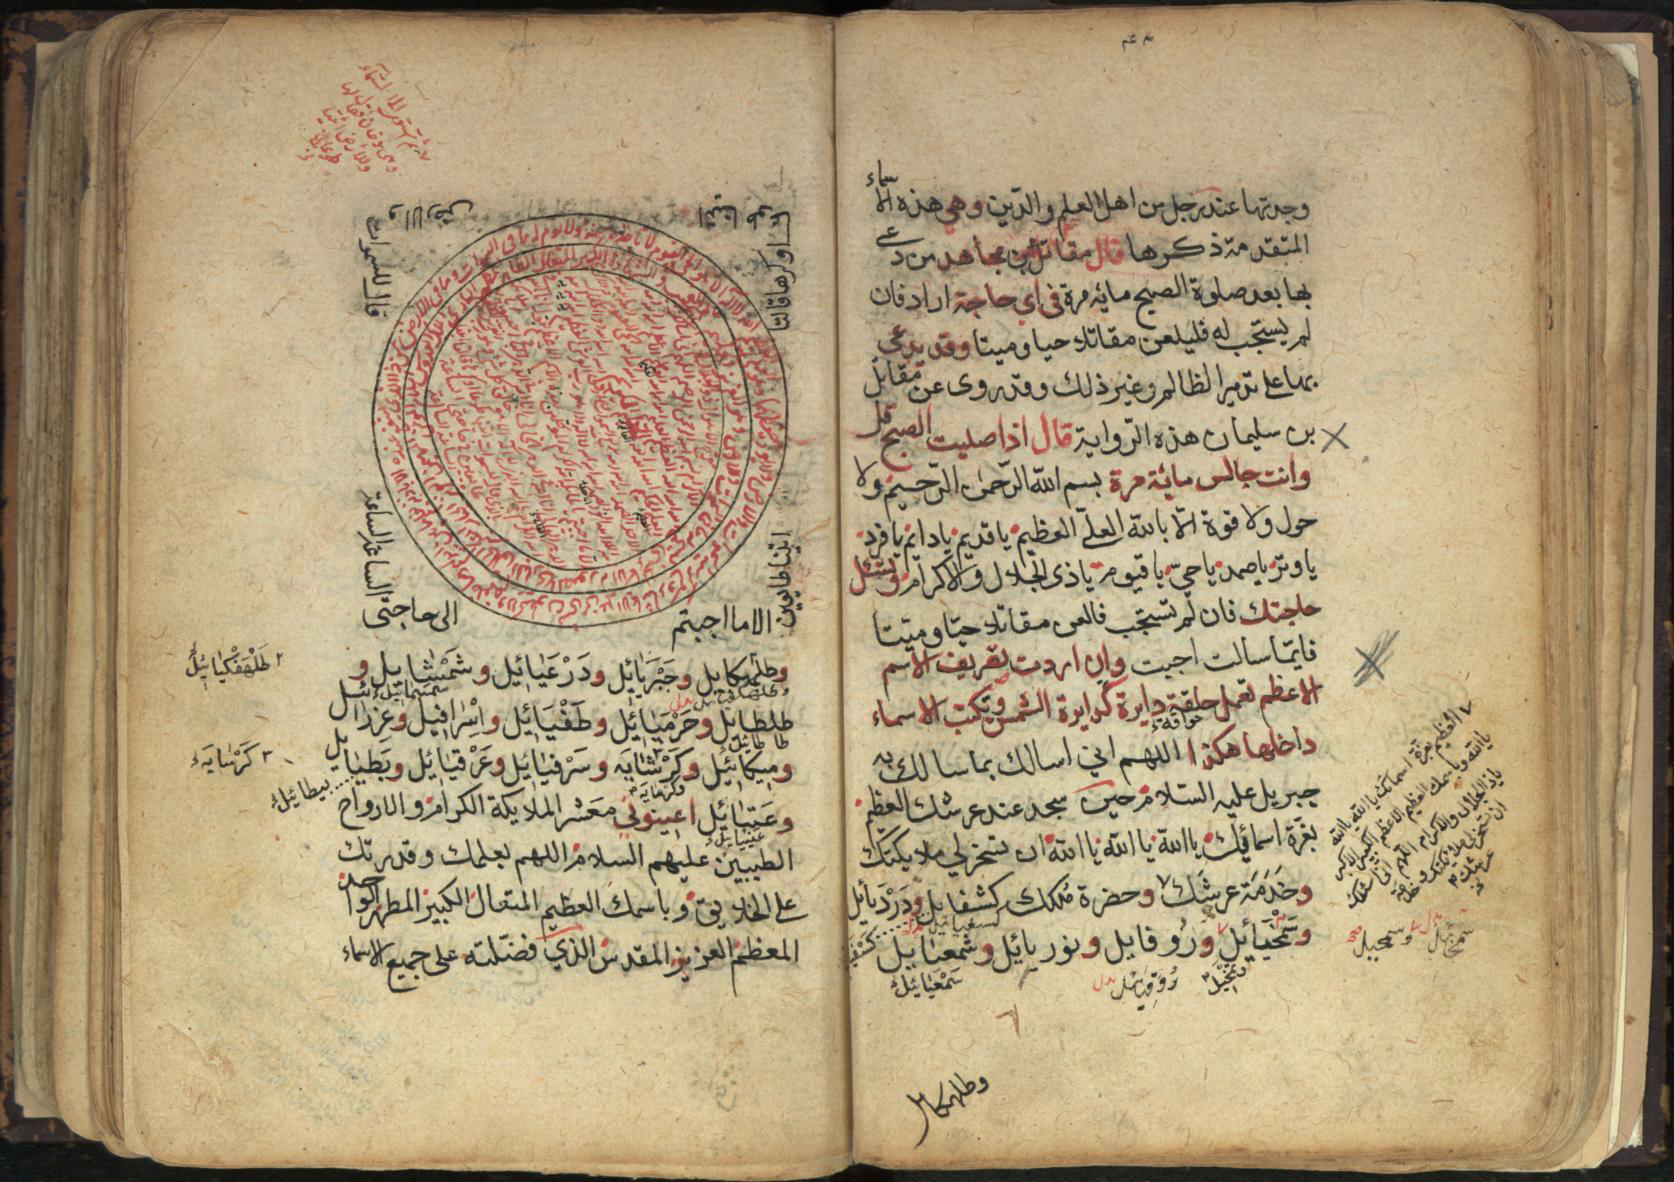 كتاب الغزالي شمس المعارف الكبرى